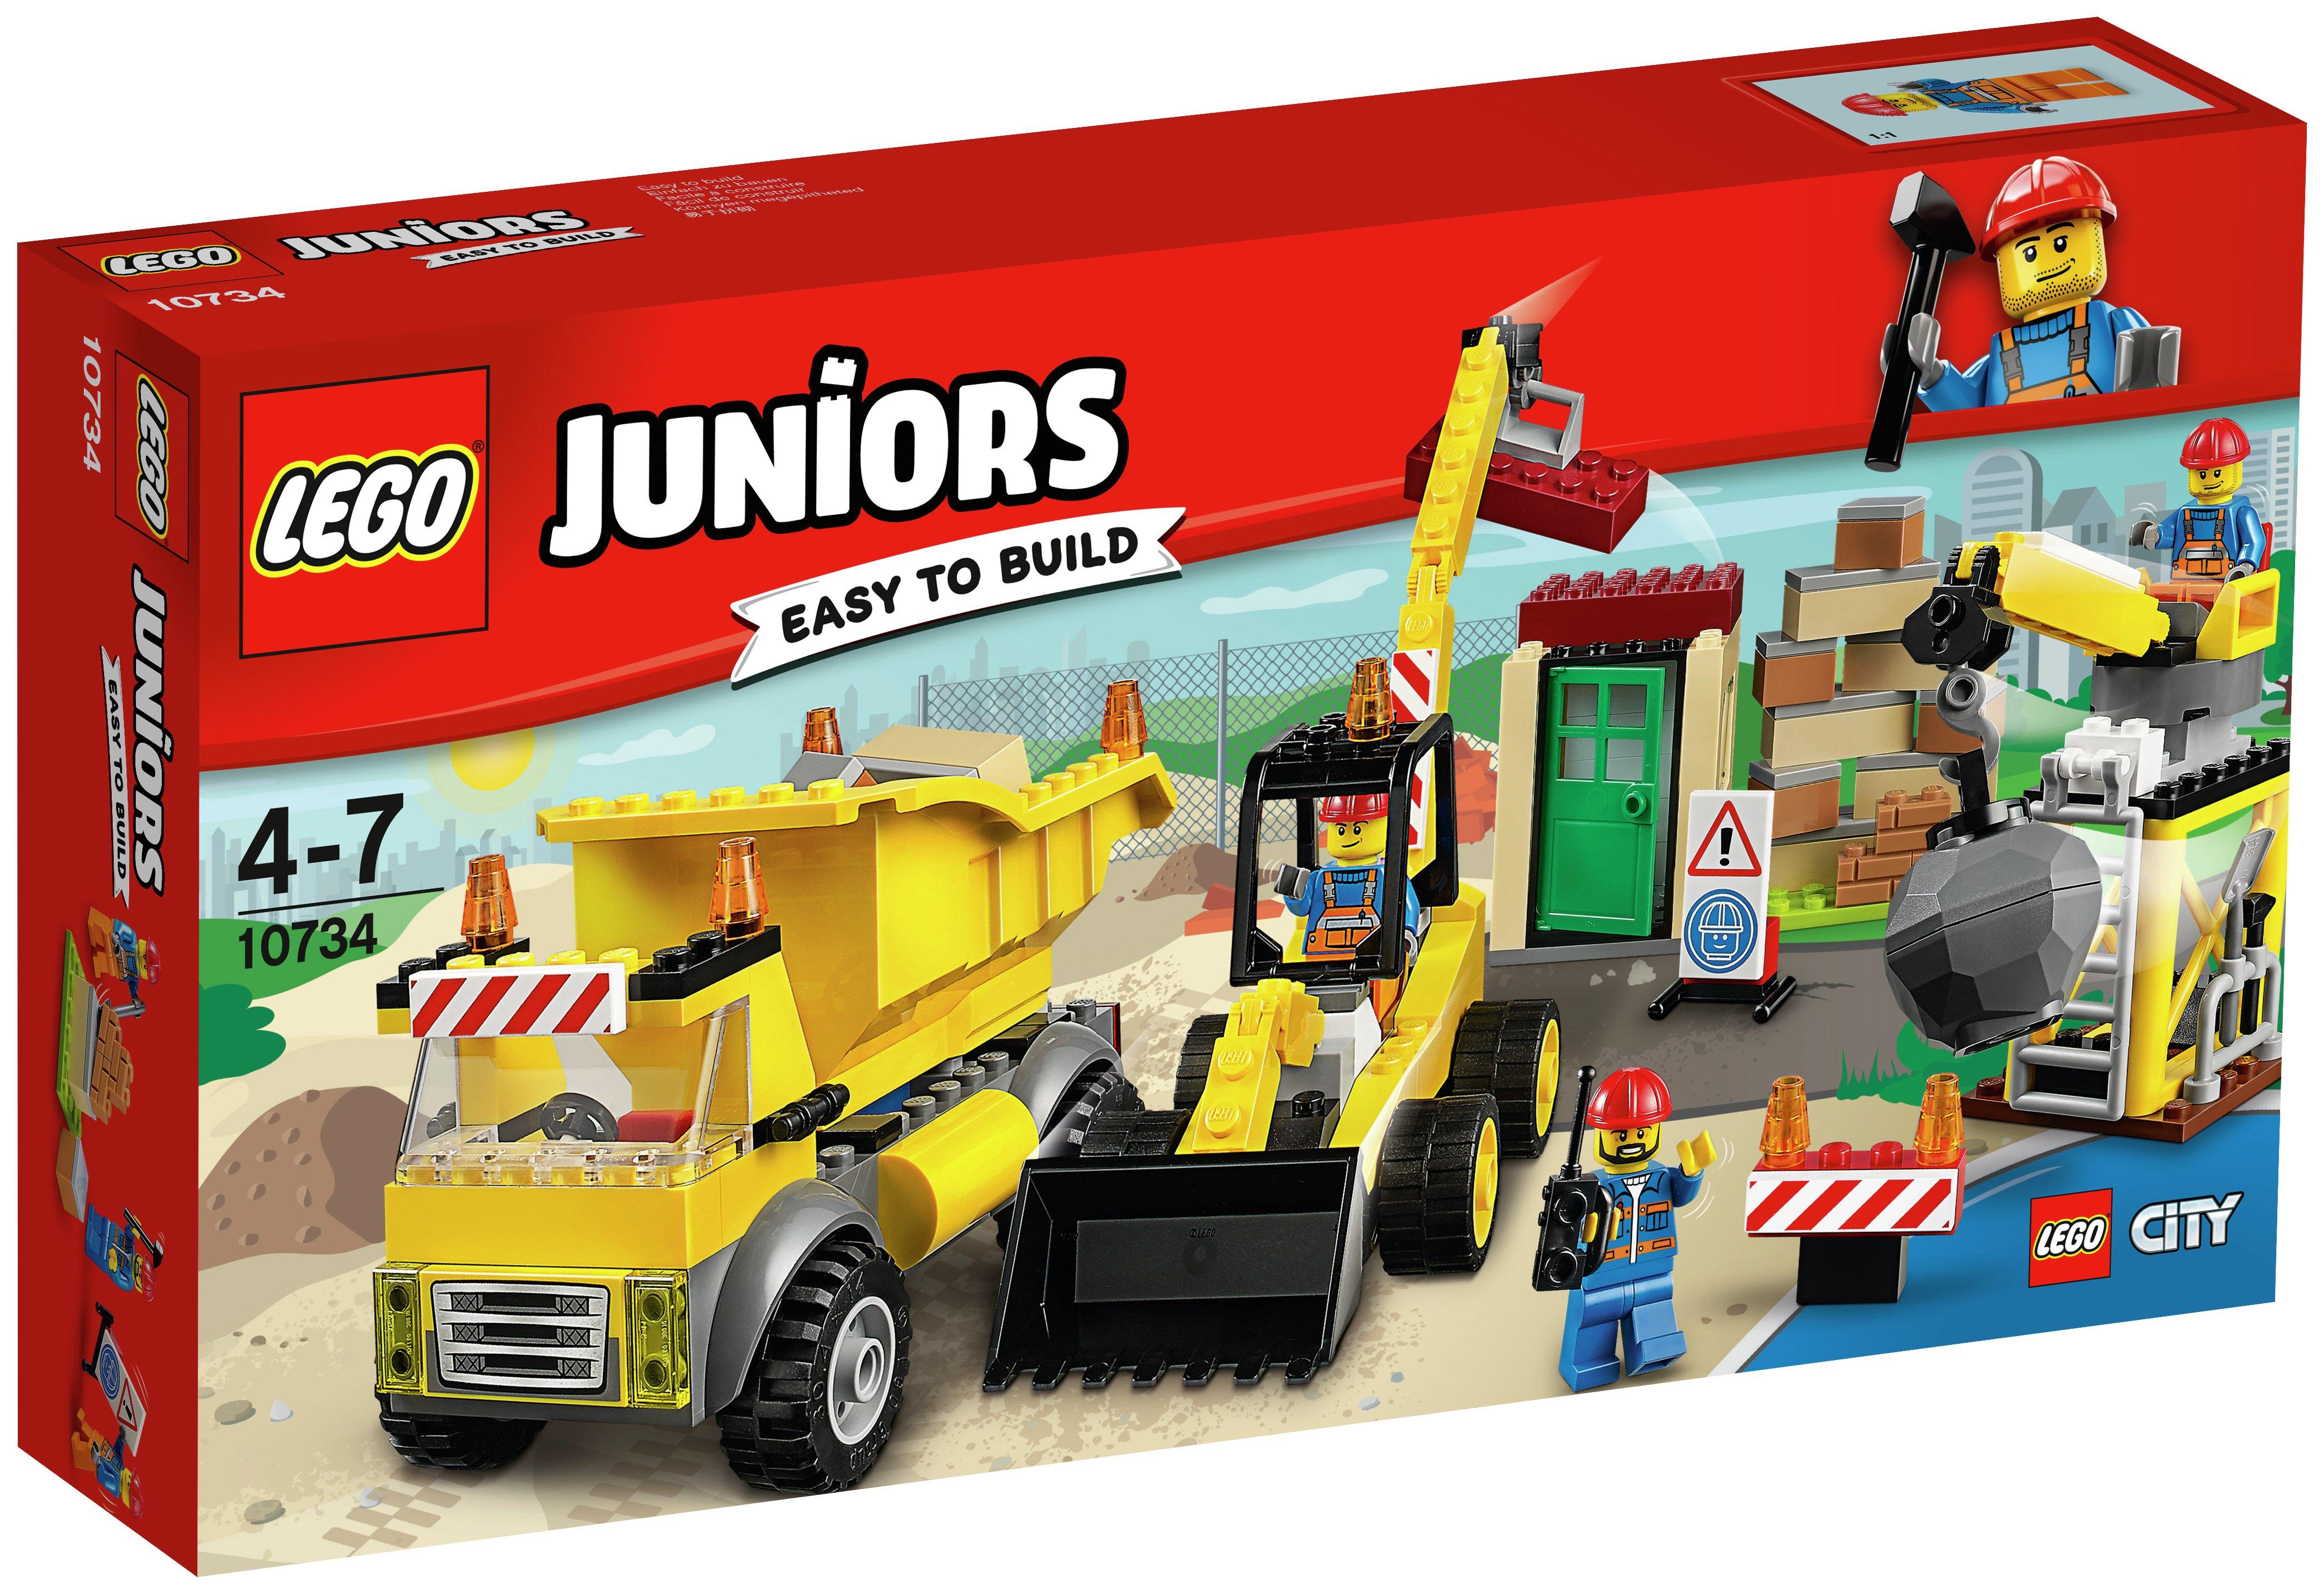 LEGO Juniors Demolition Site - 10734.